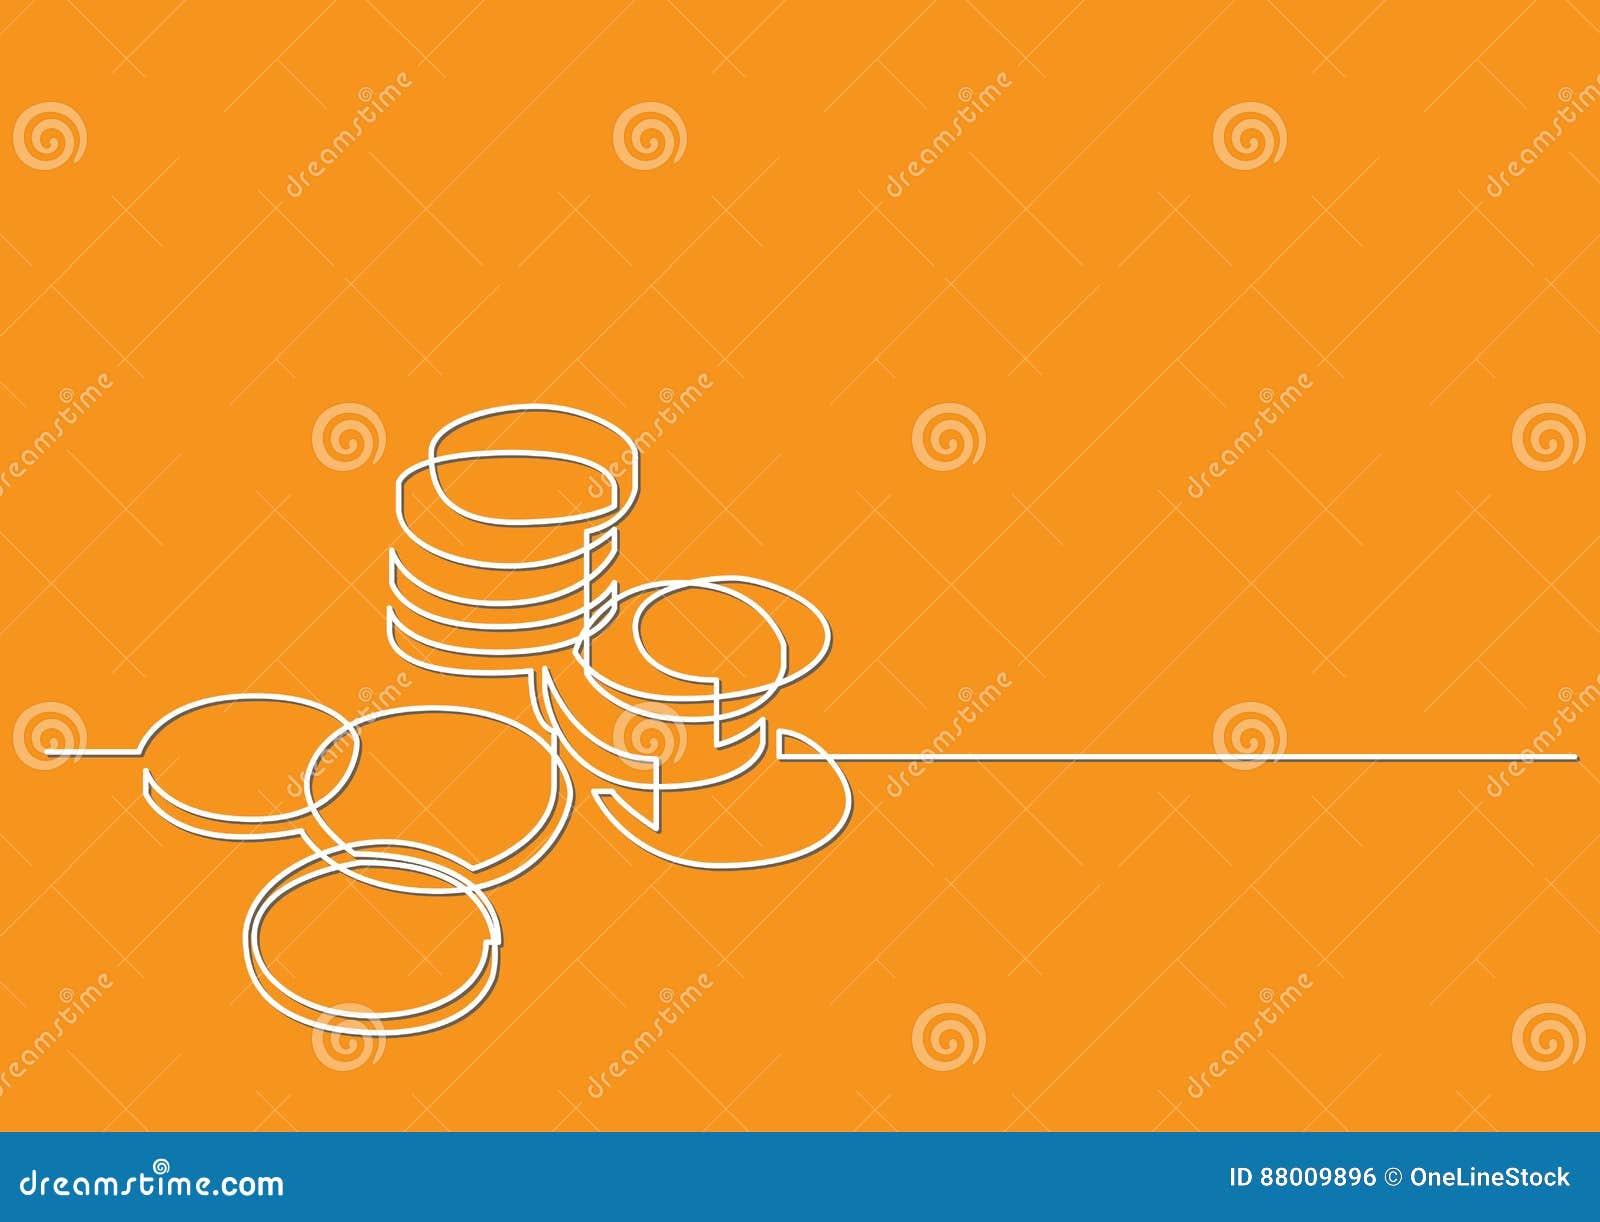 Dibujo Lineal Continuo De Las Monedas Del Dinero Ilustración Del